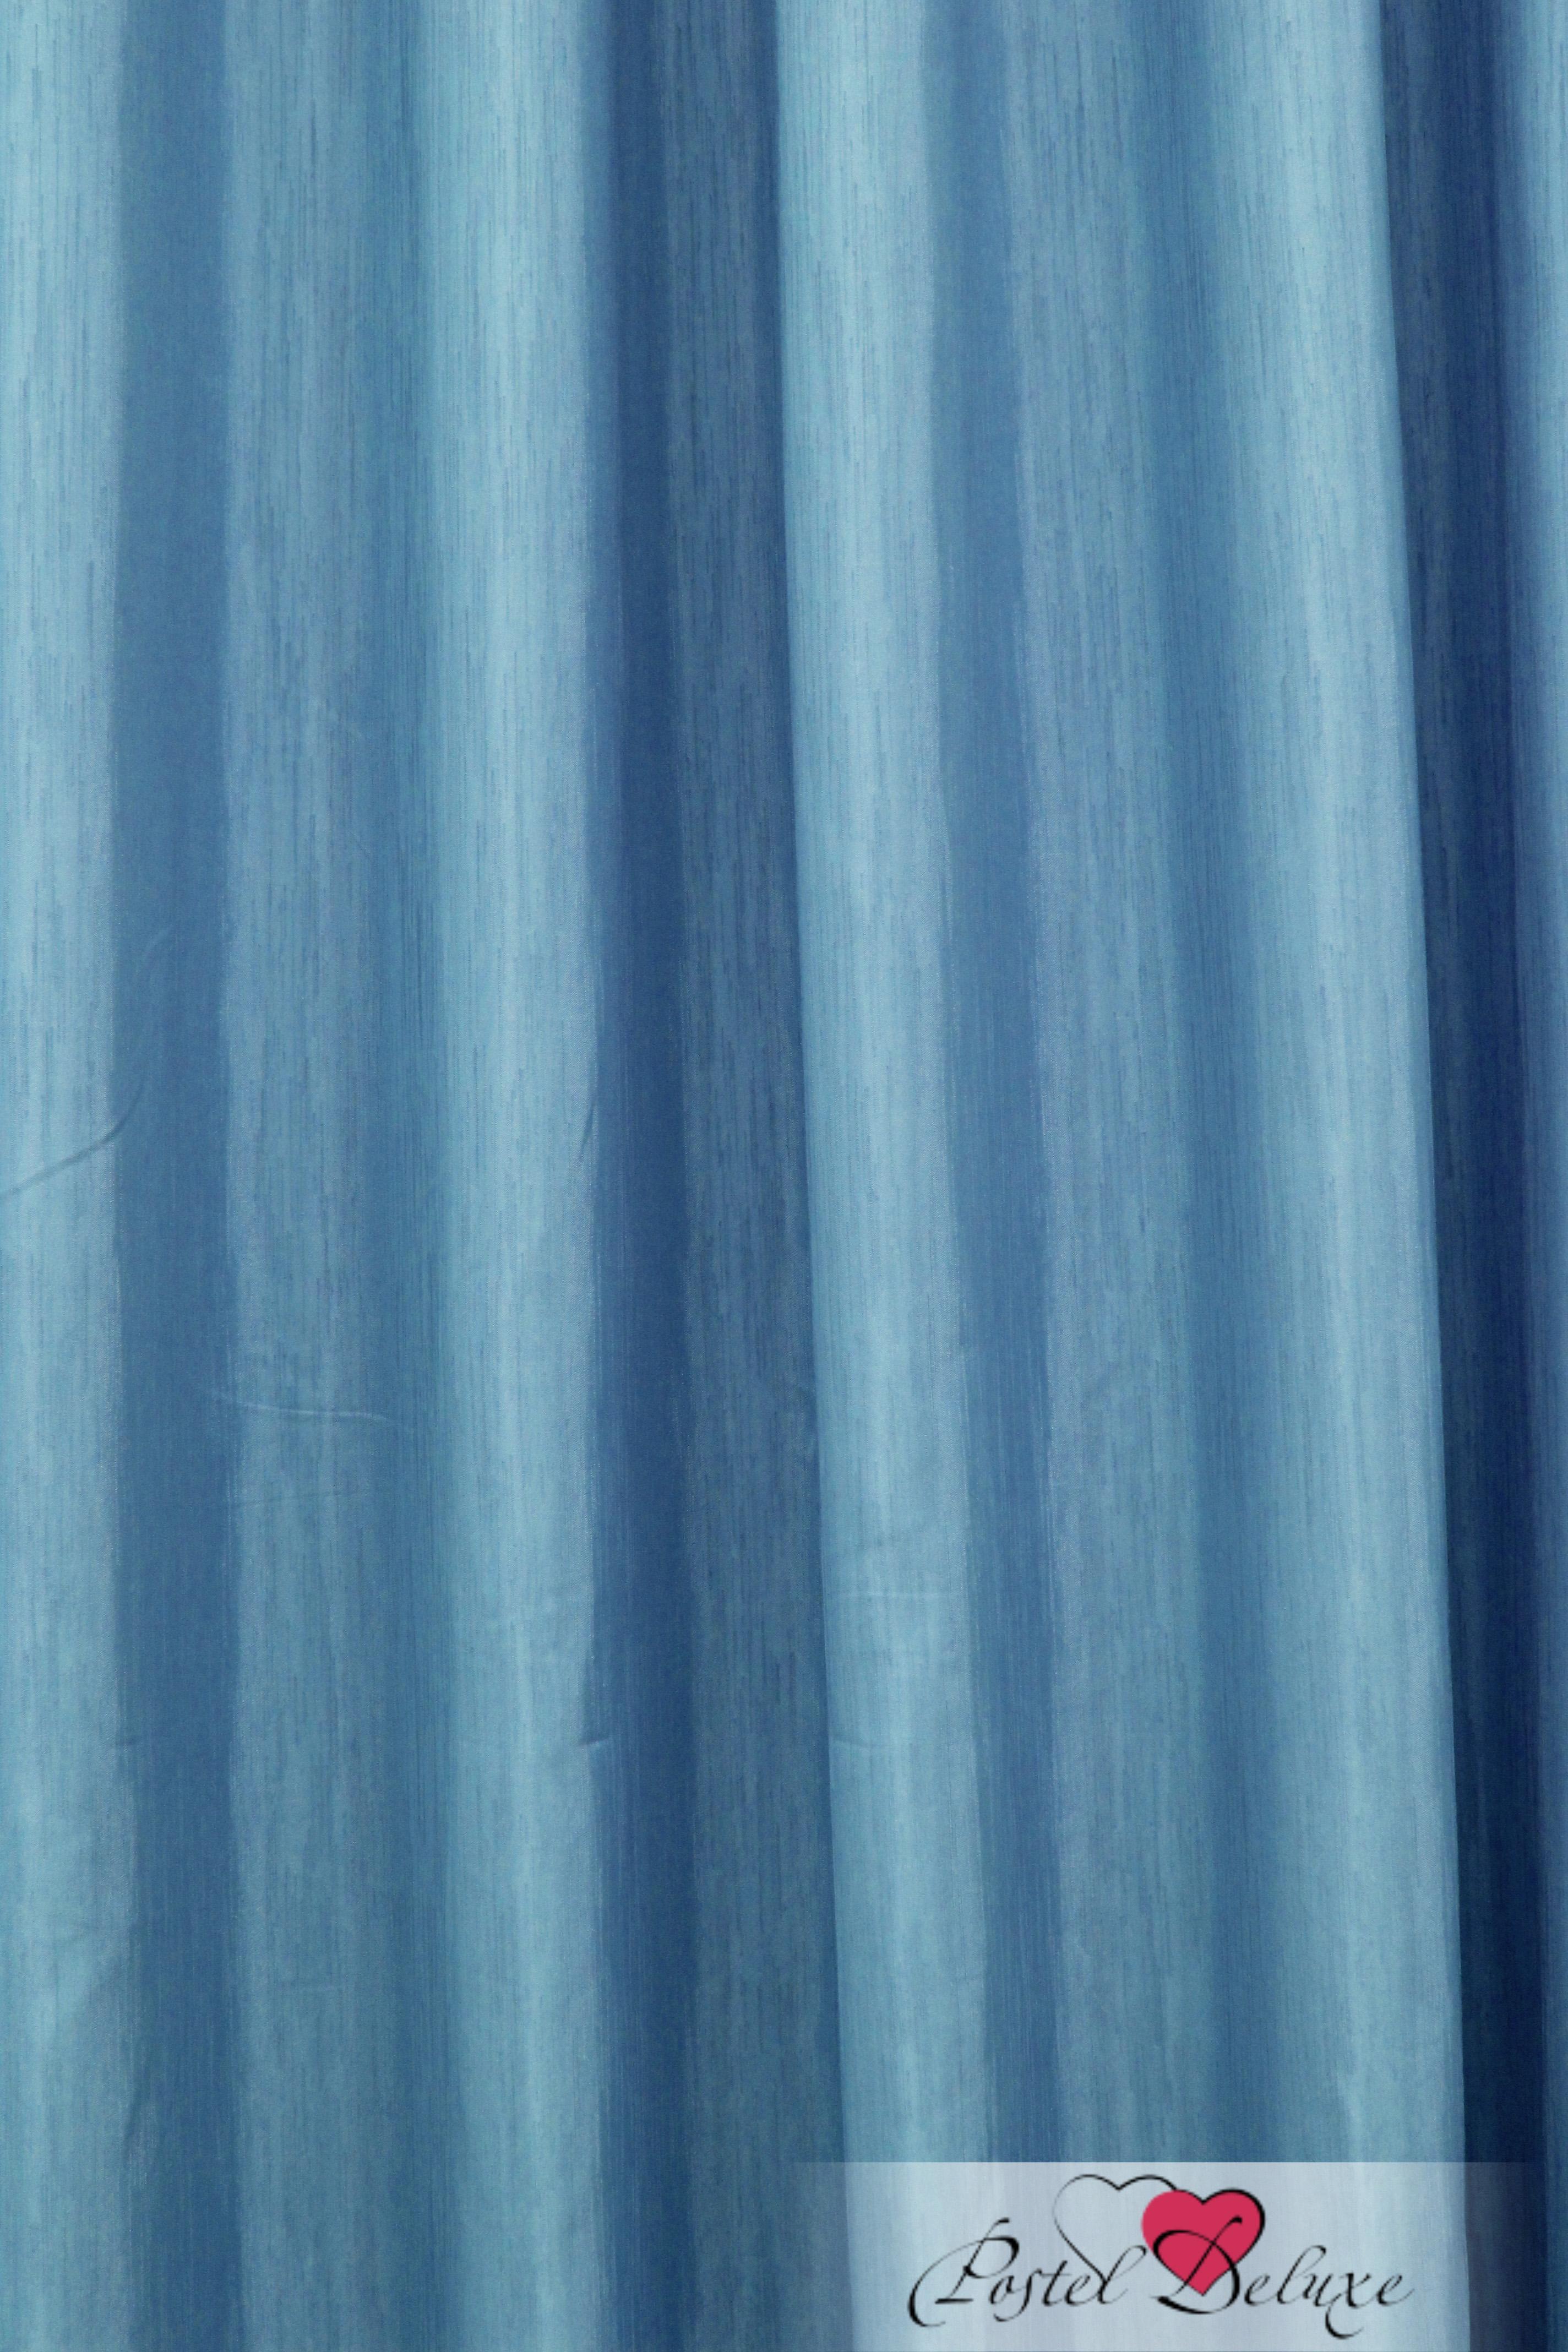 Шторы Sanpa Классические шторы Агнес Цвет: Голубой sanpa sanpa классические шторы квадро цвет голубой